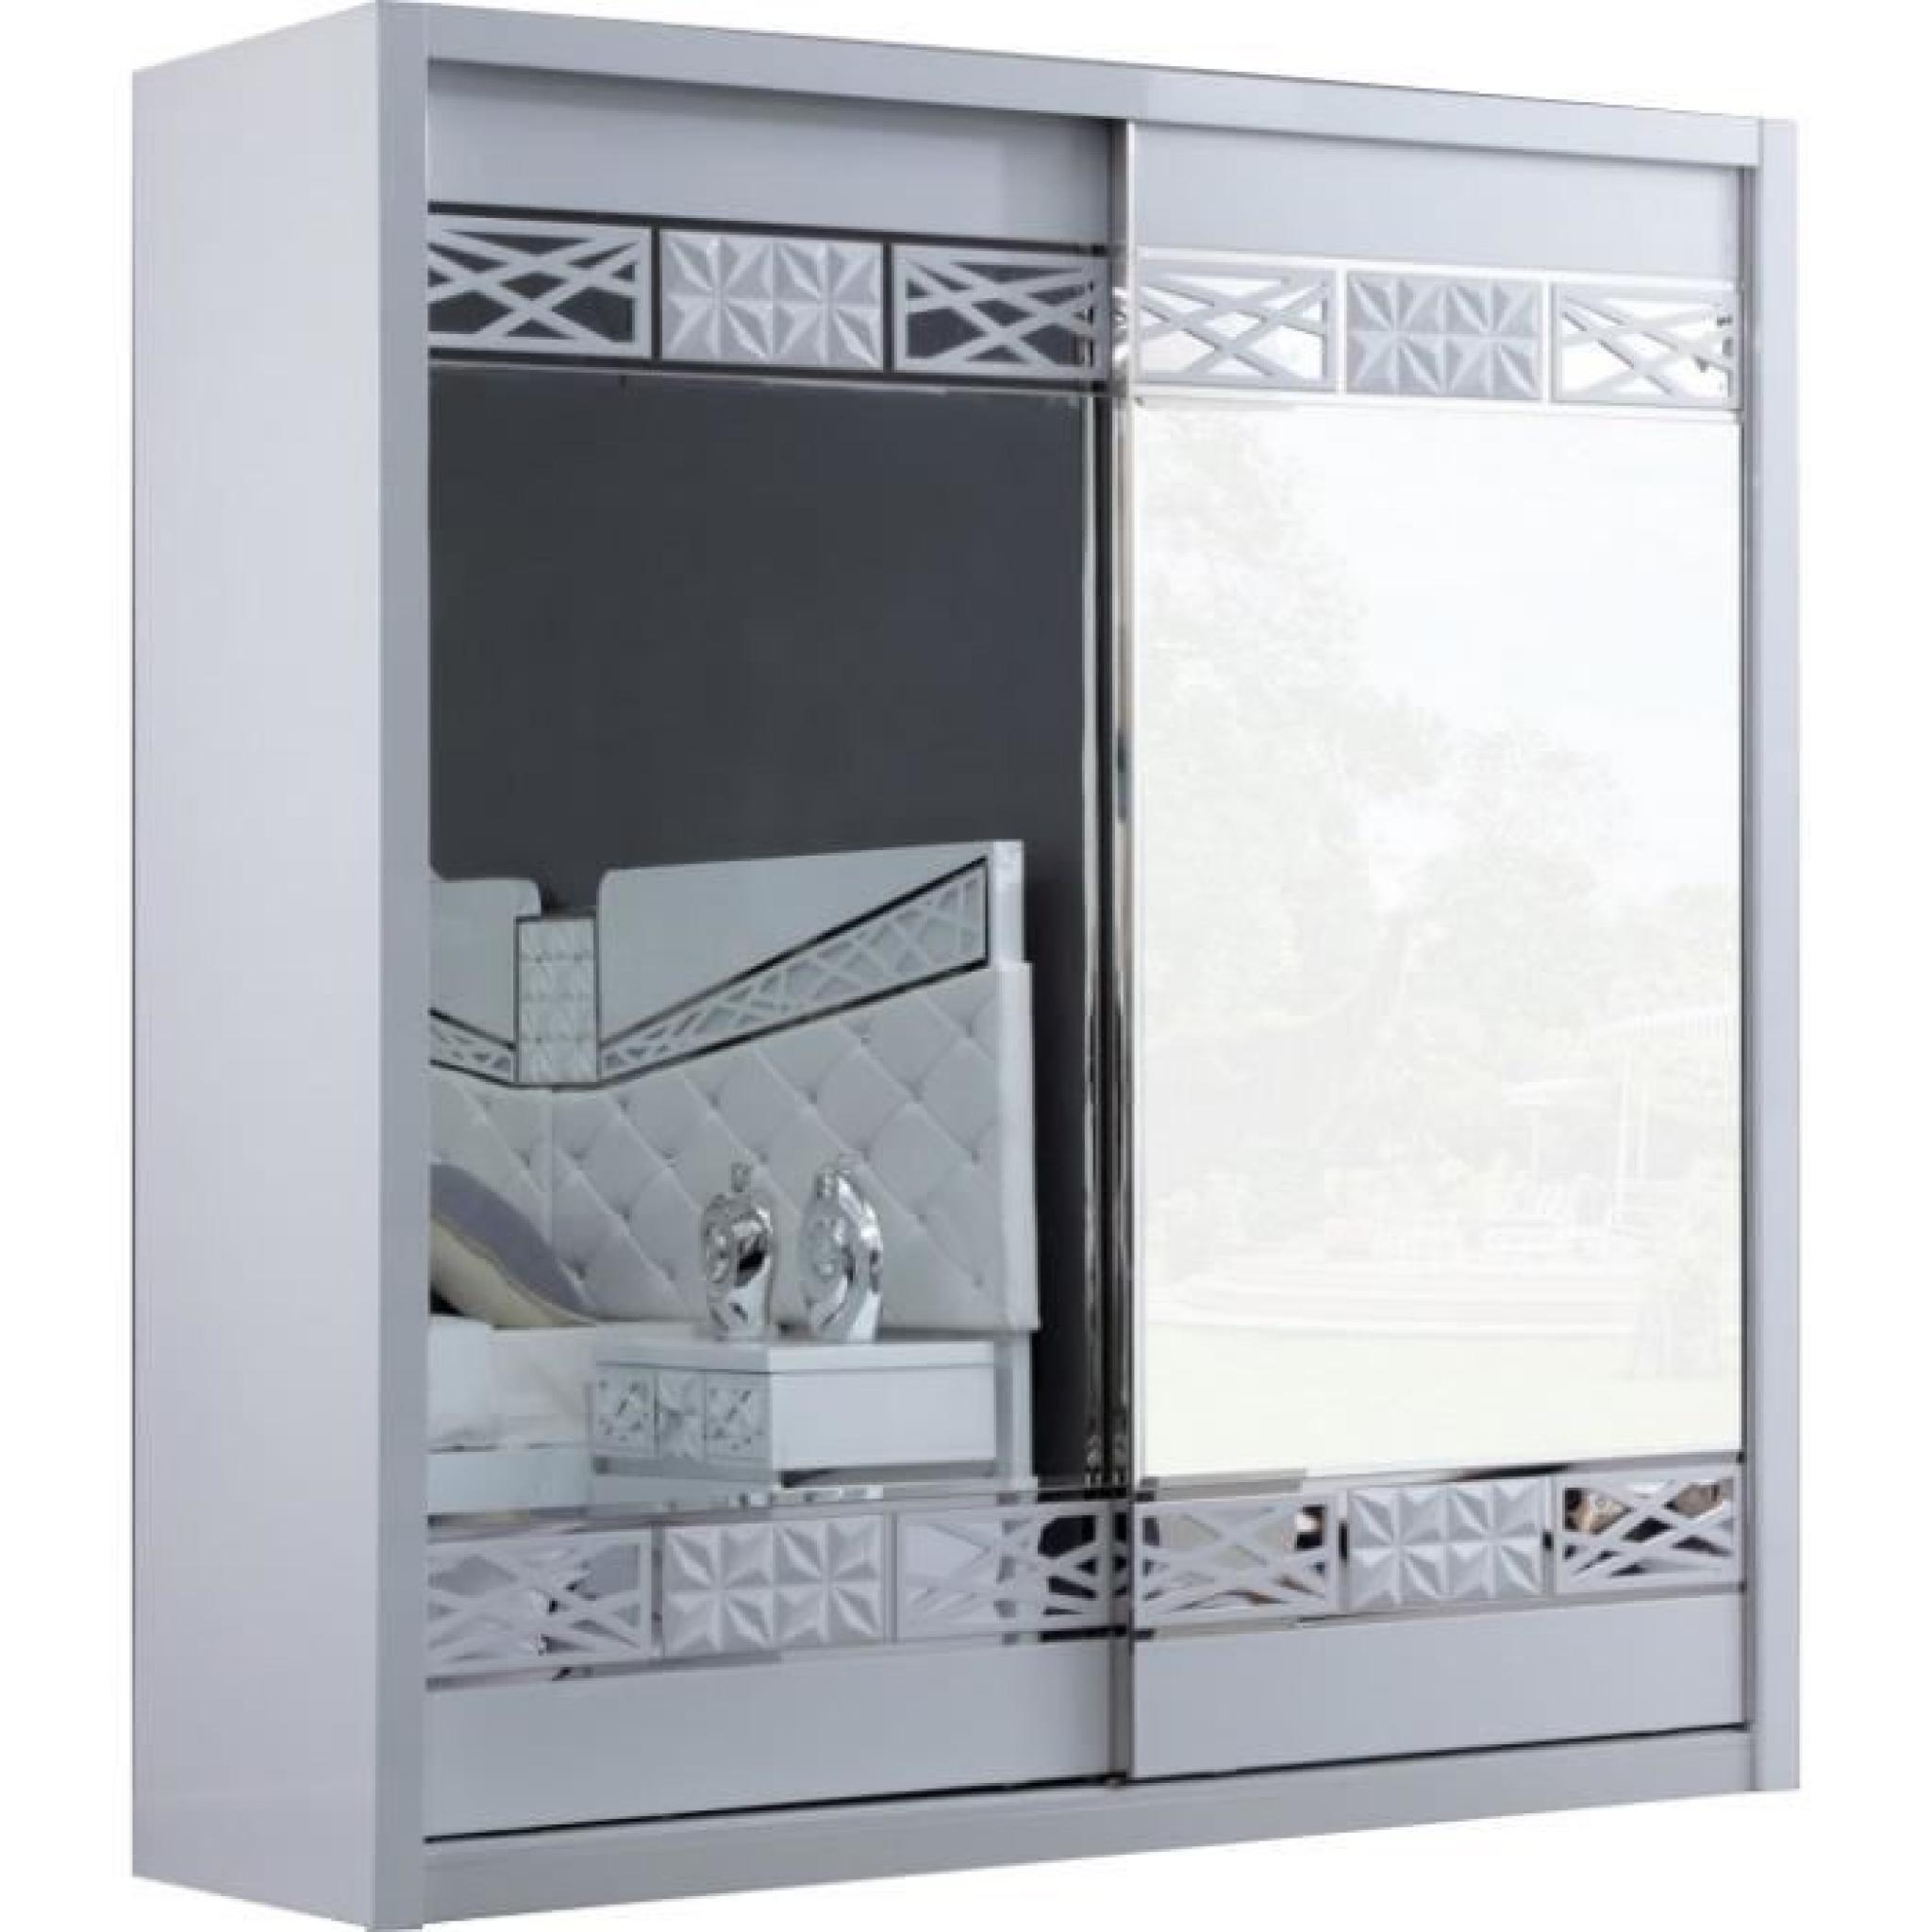 armoire design 2 portes coulissantes laqu blanc et chrom. Black Bedroom Furniture Sets. Home Design Ideas